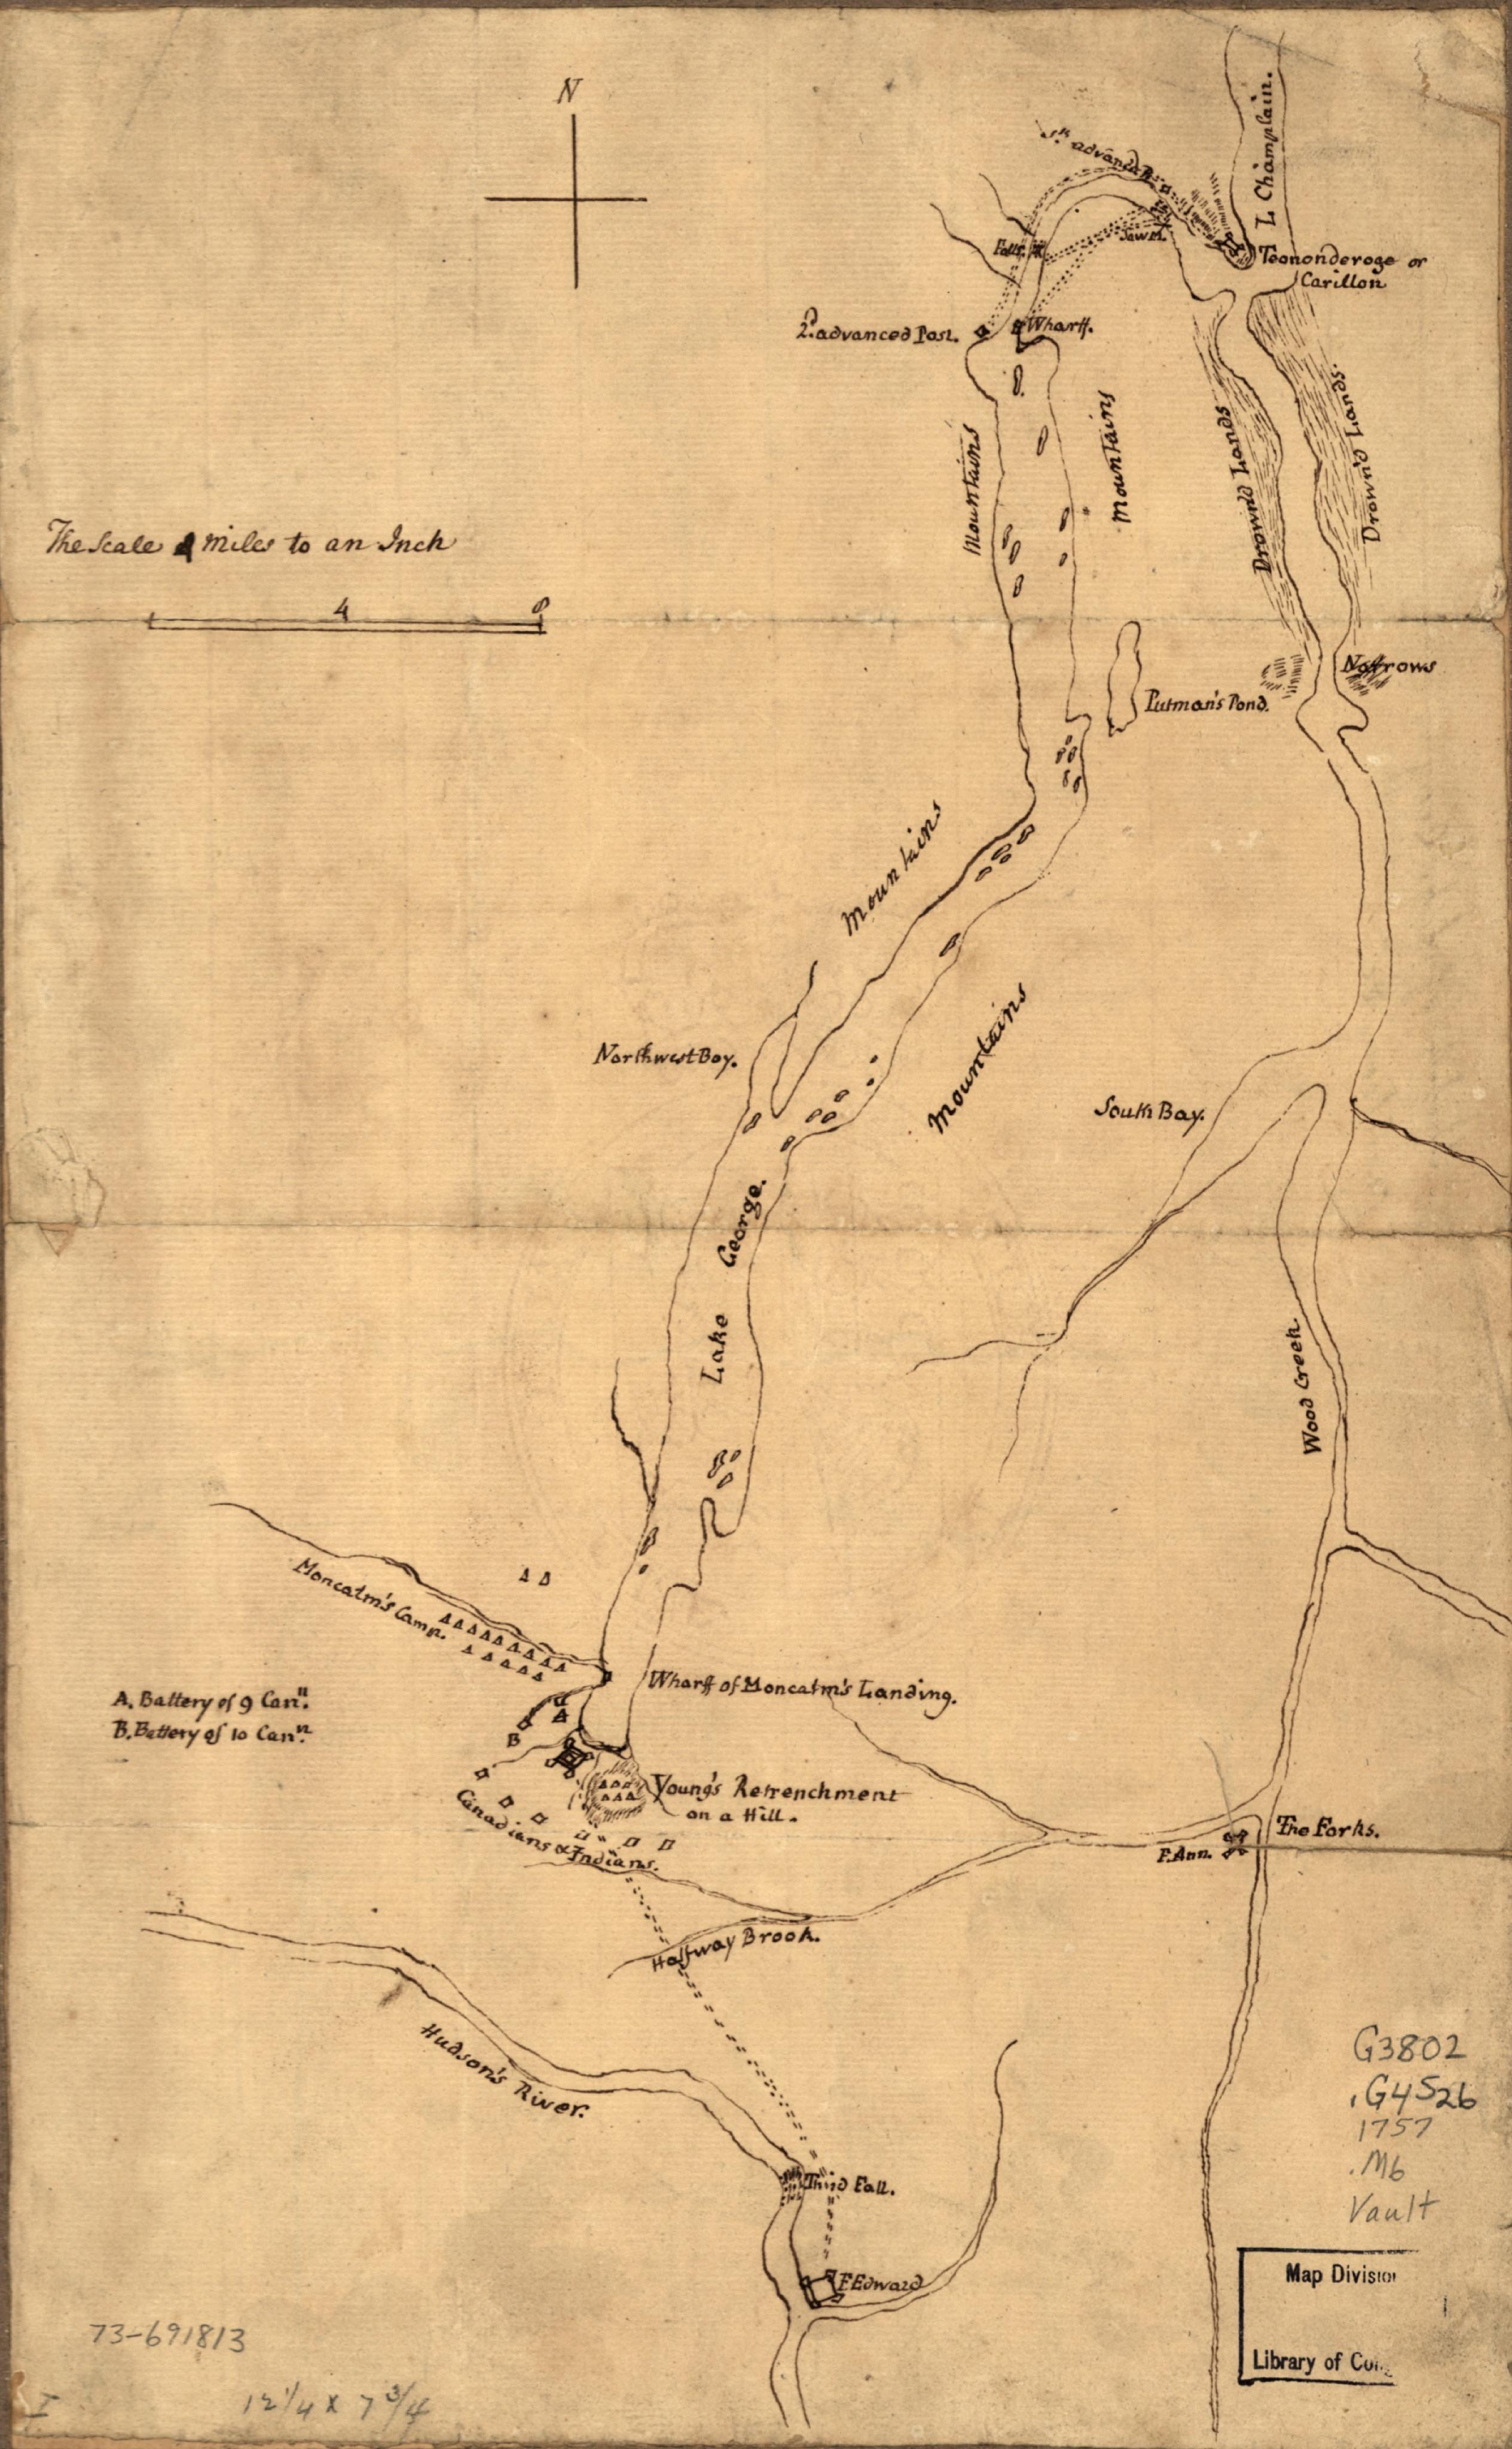 Plan de la bataille de Fort William Henry